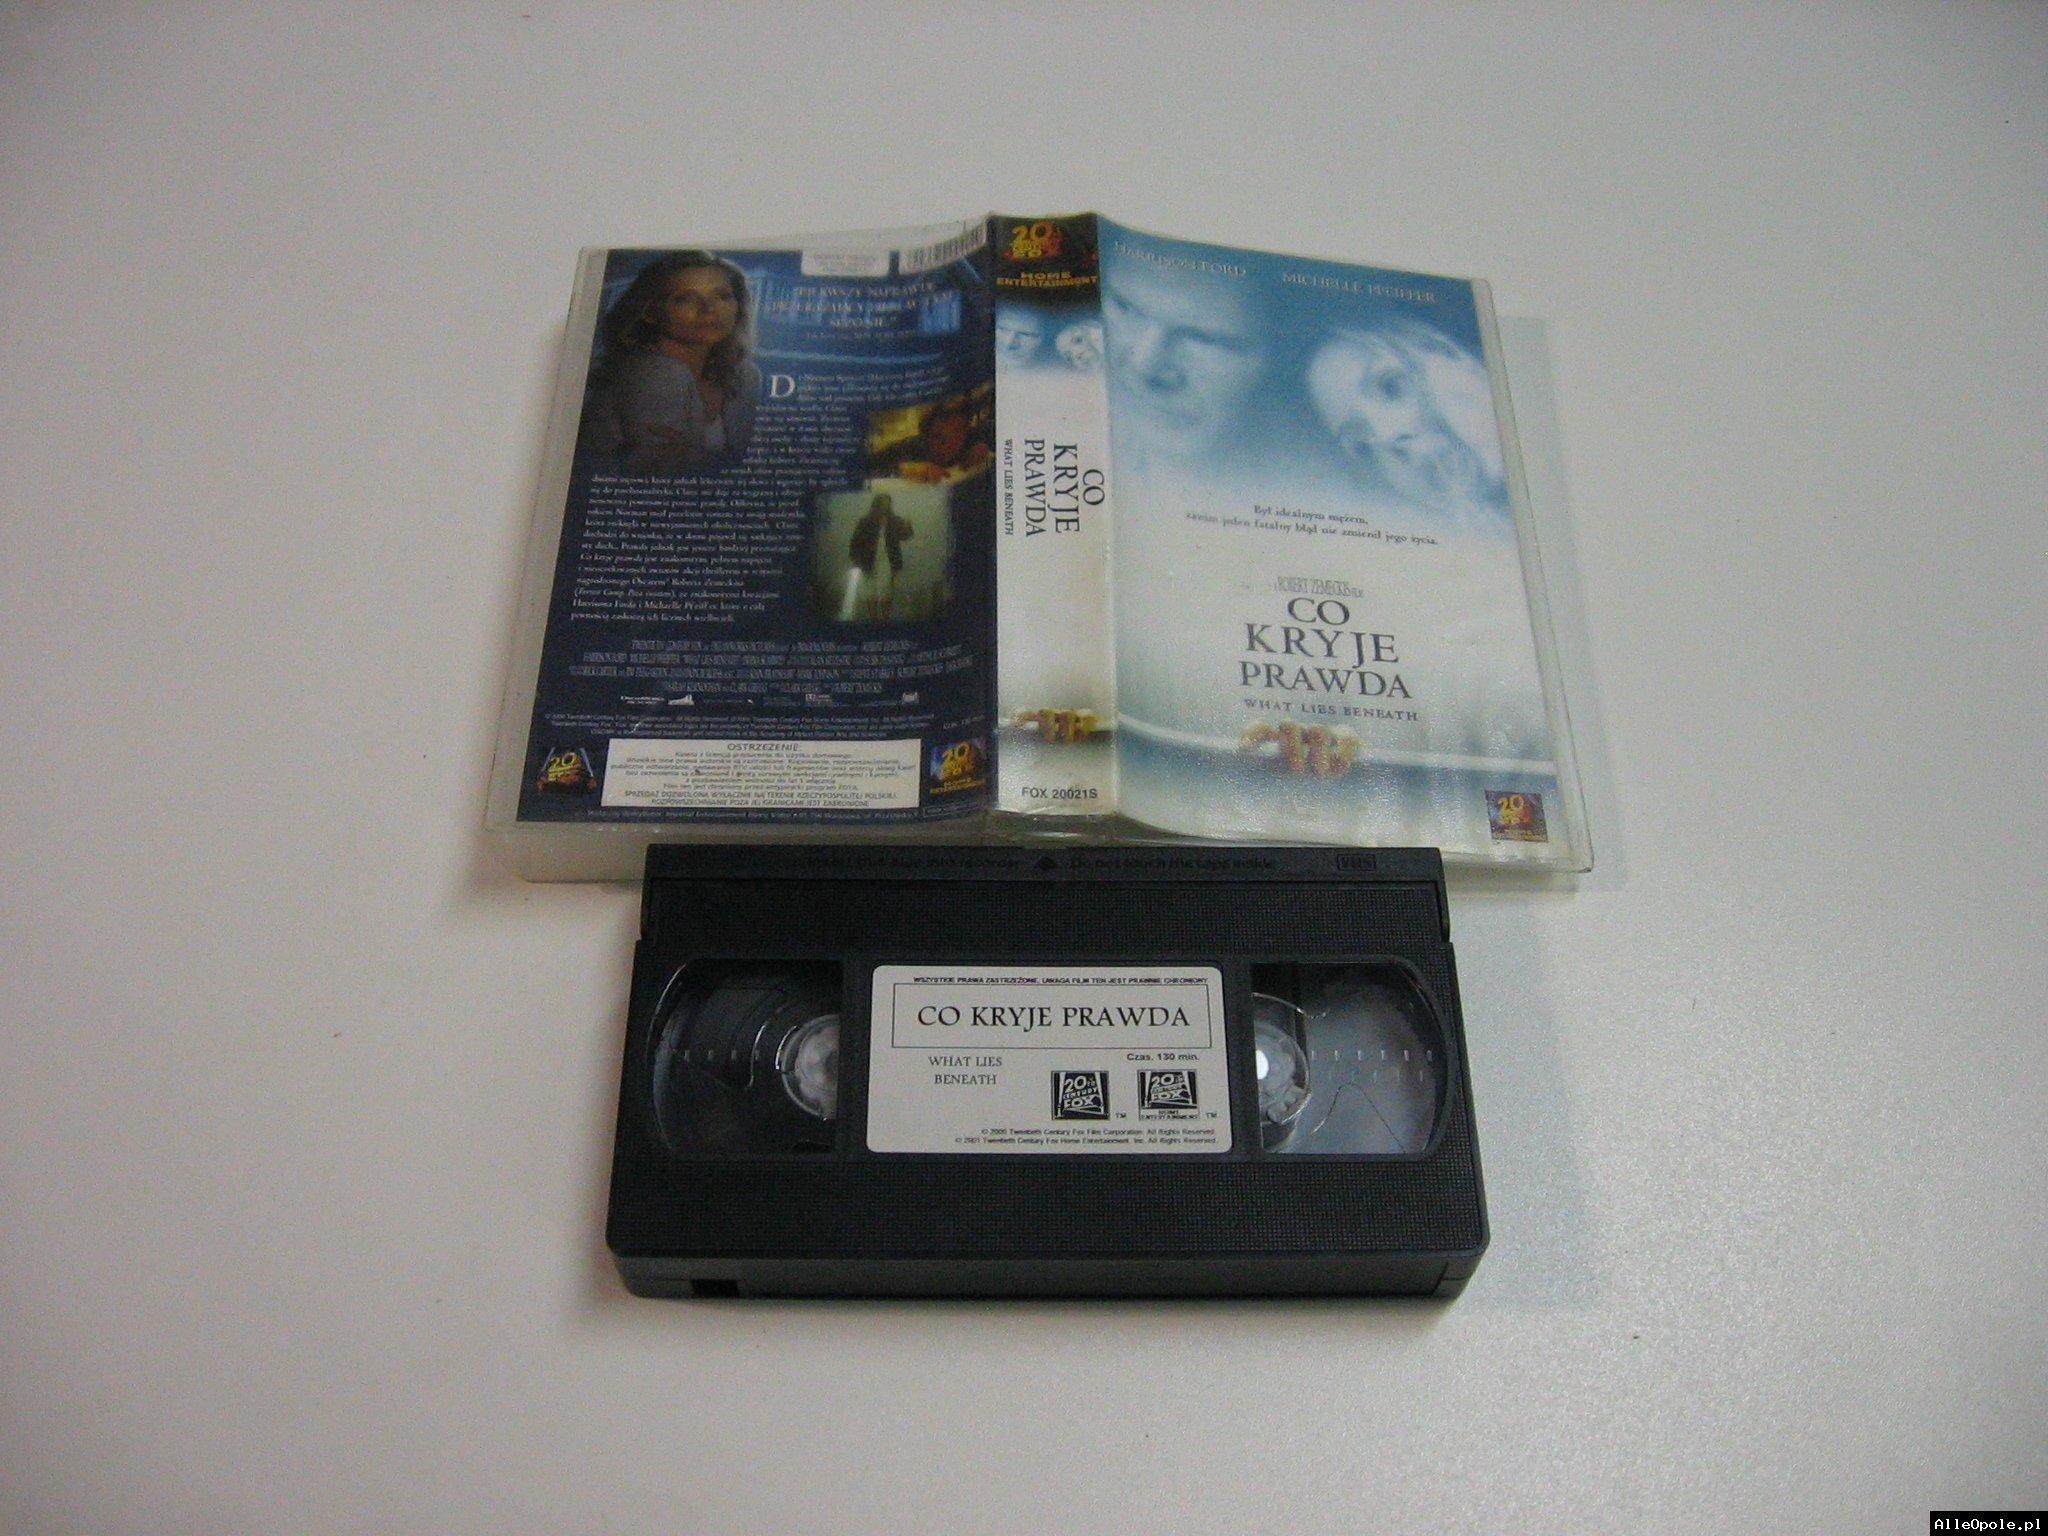 CO KRYJE PRAWDA - VHS Kaseta Video - Opole 1844